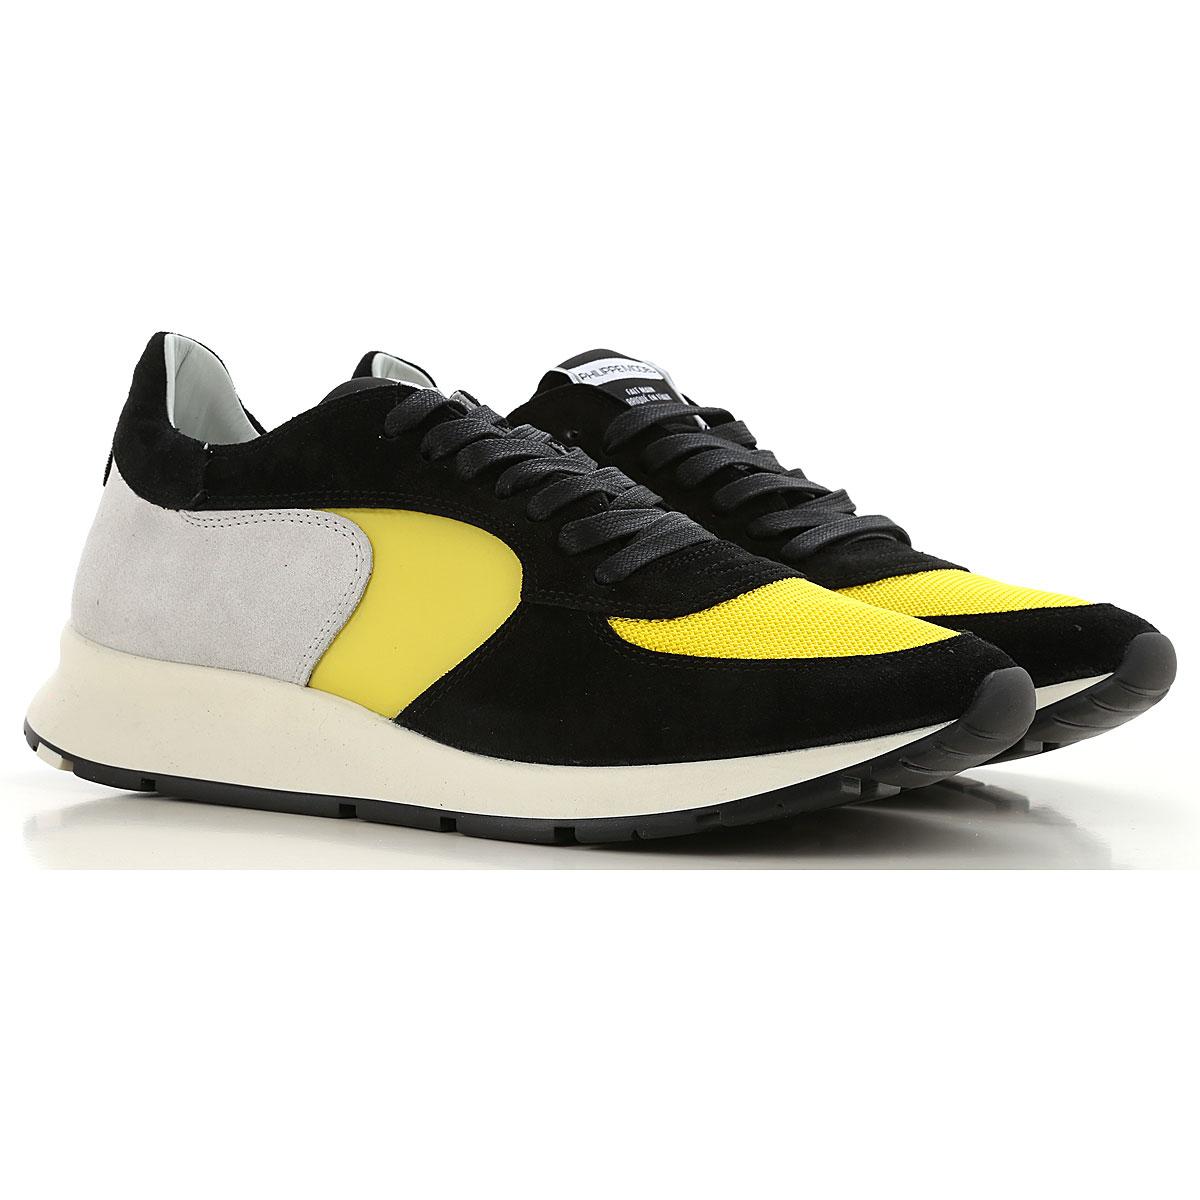 Philippe Model Sneakers voor Mannen In Aanbieding, Zwart, Suede, 2019, 41 42 43 44 45